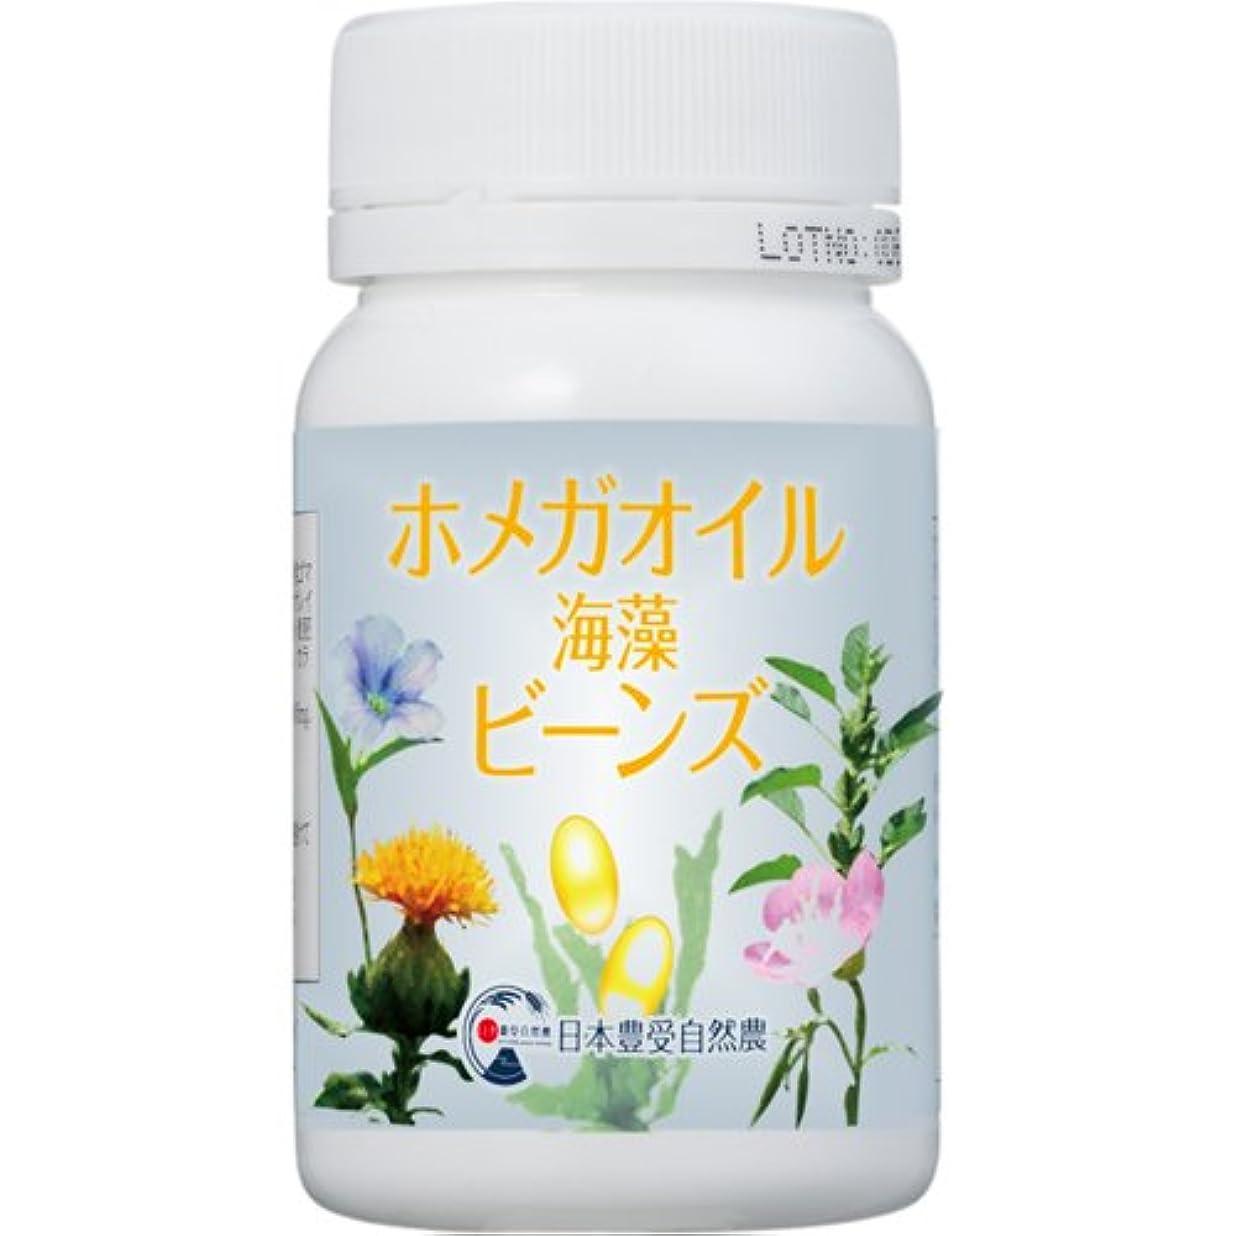 庭園排他的機会日本豊受自然農 ホメガオイル海藻ビーンズ 約90粒